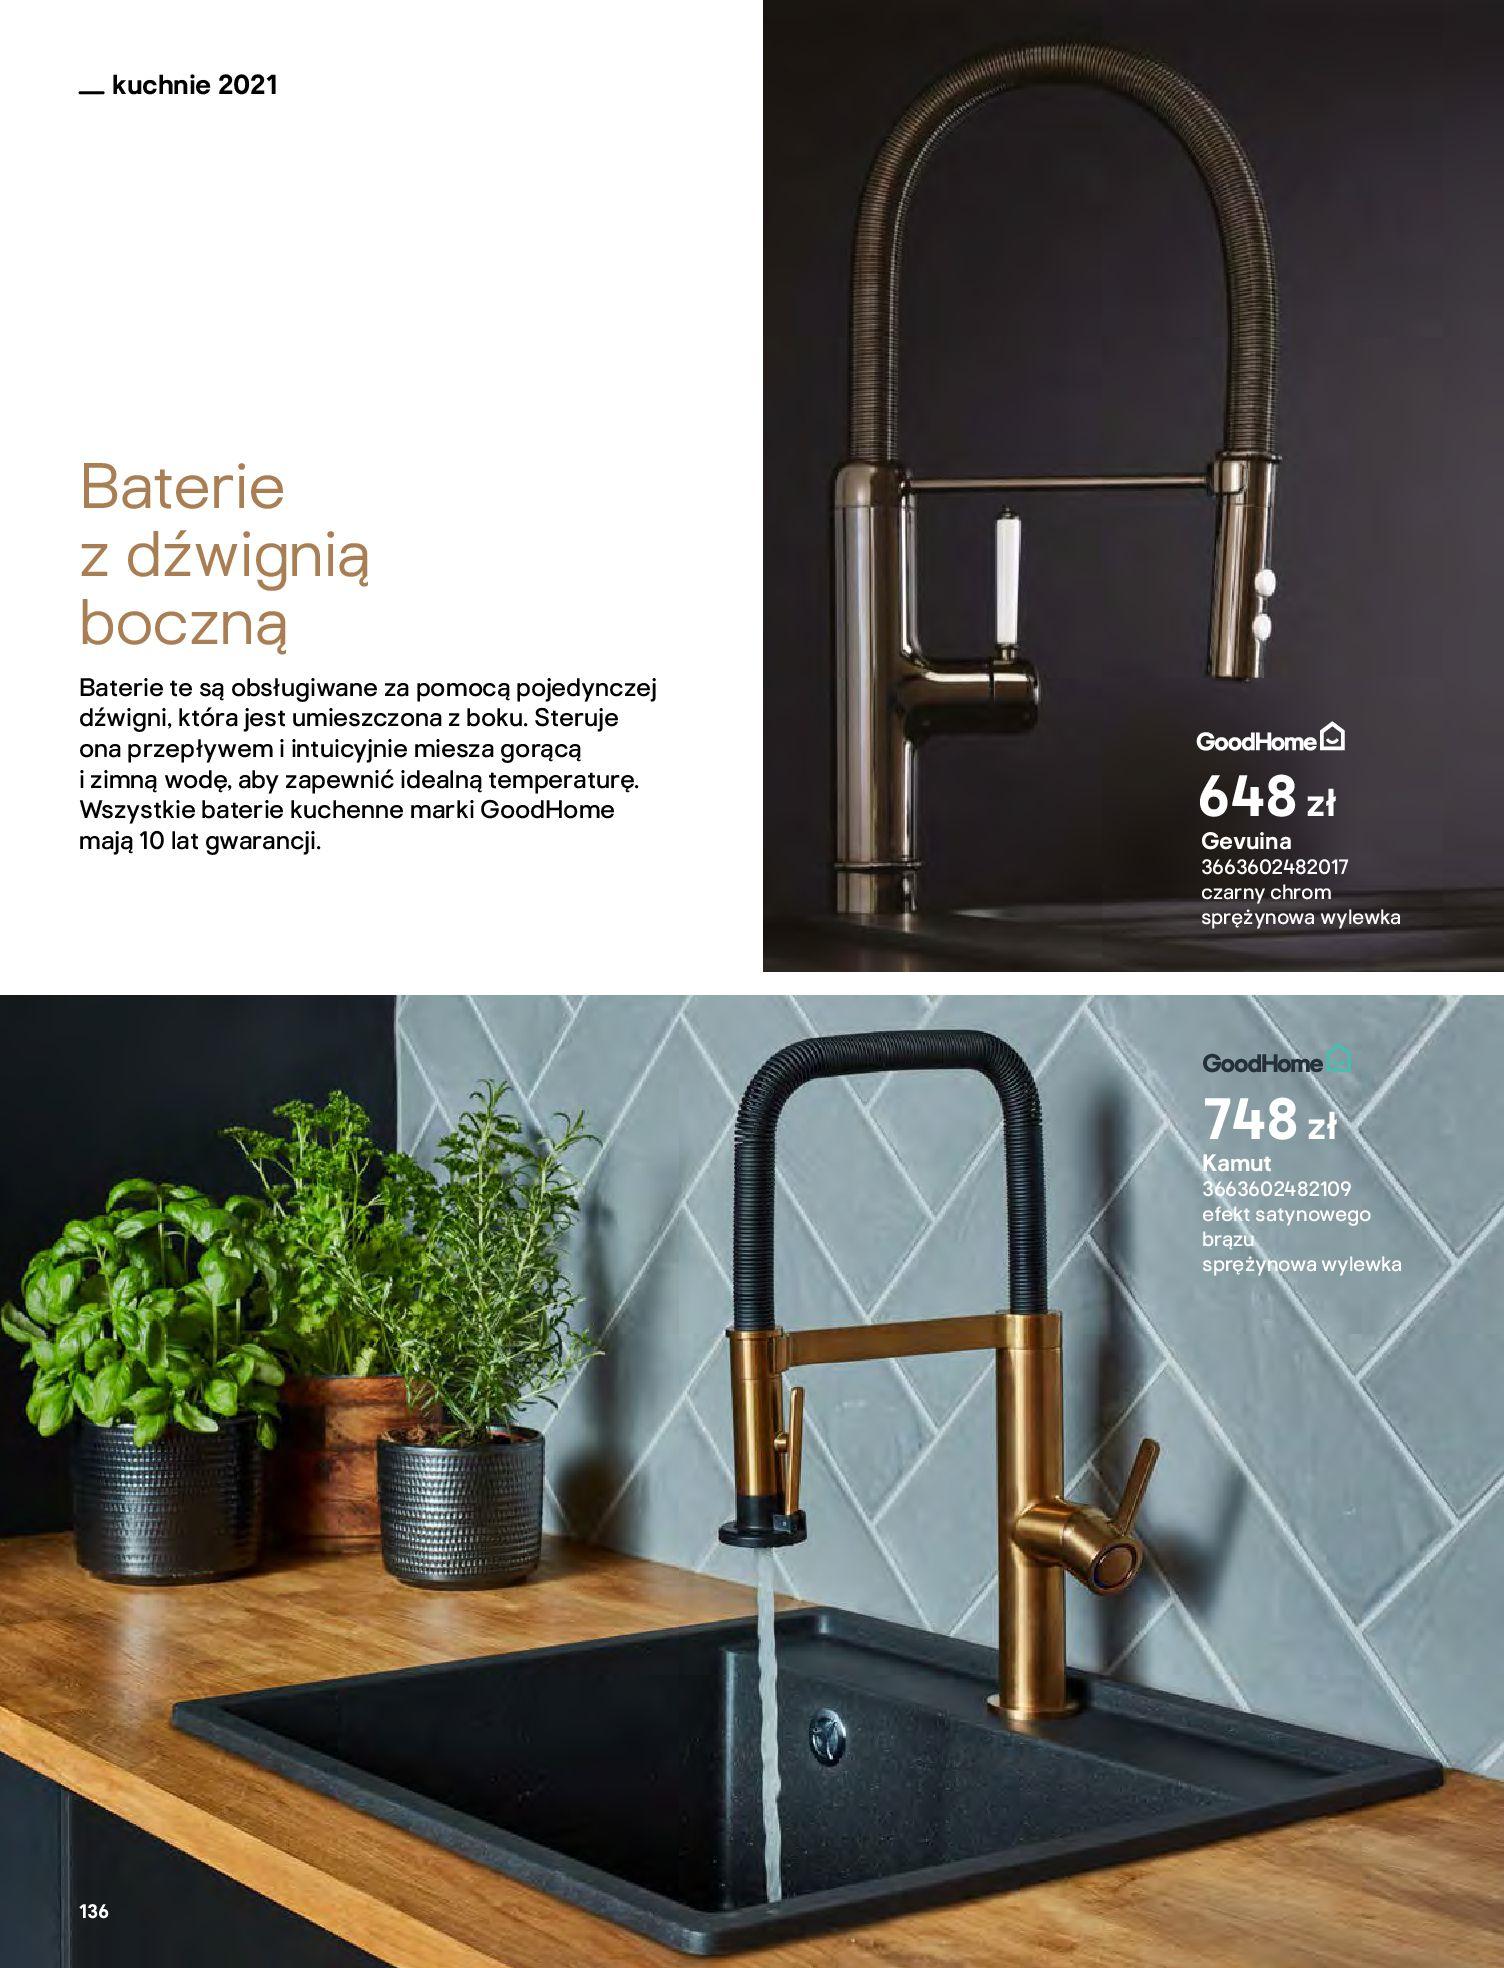 Gazetka Castorama: Katalog kuchnie 2021 2021-05-04 page-136